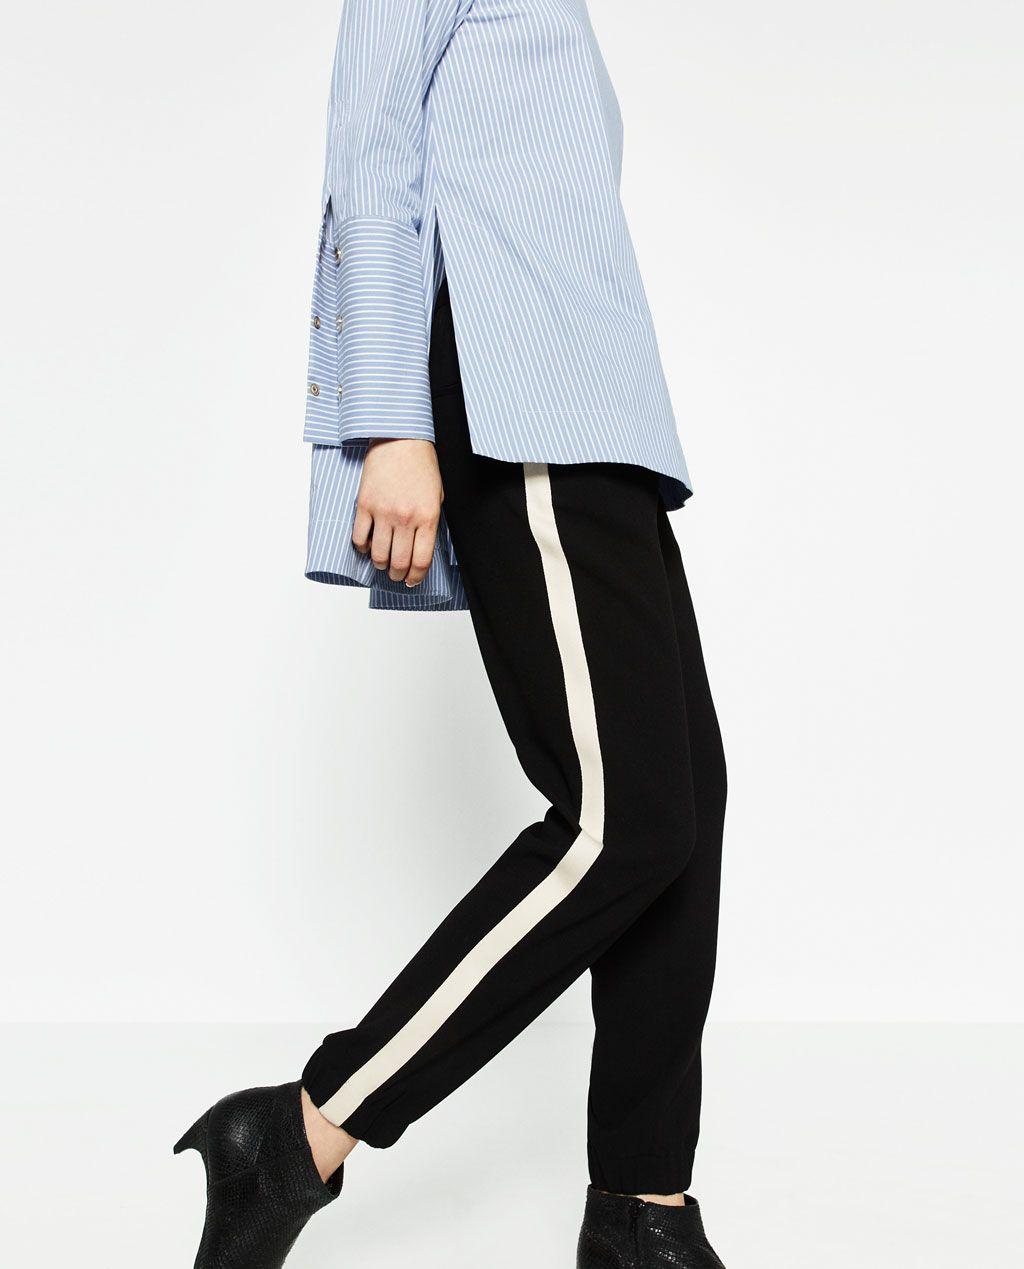 Pantalon Femme À Zara Pantaloni Bandes LatéralesPantalones qpUzSMV